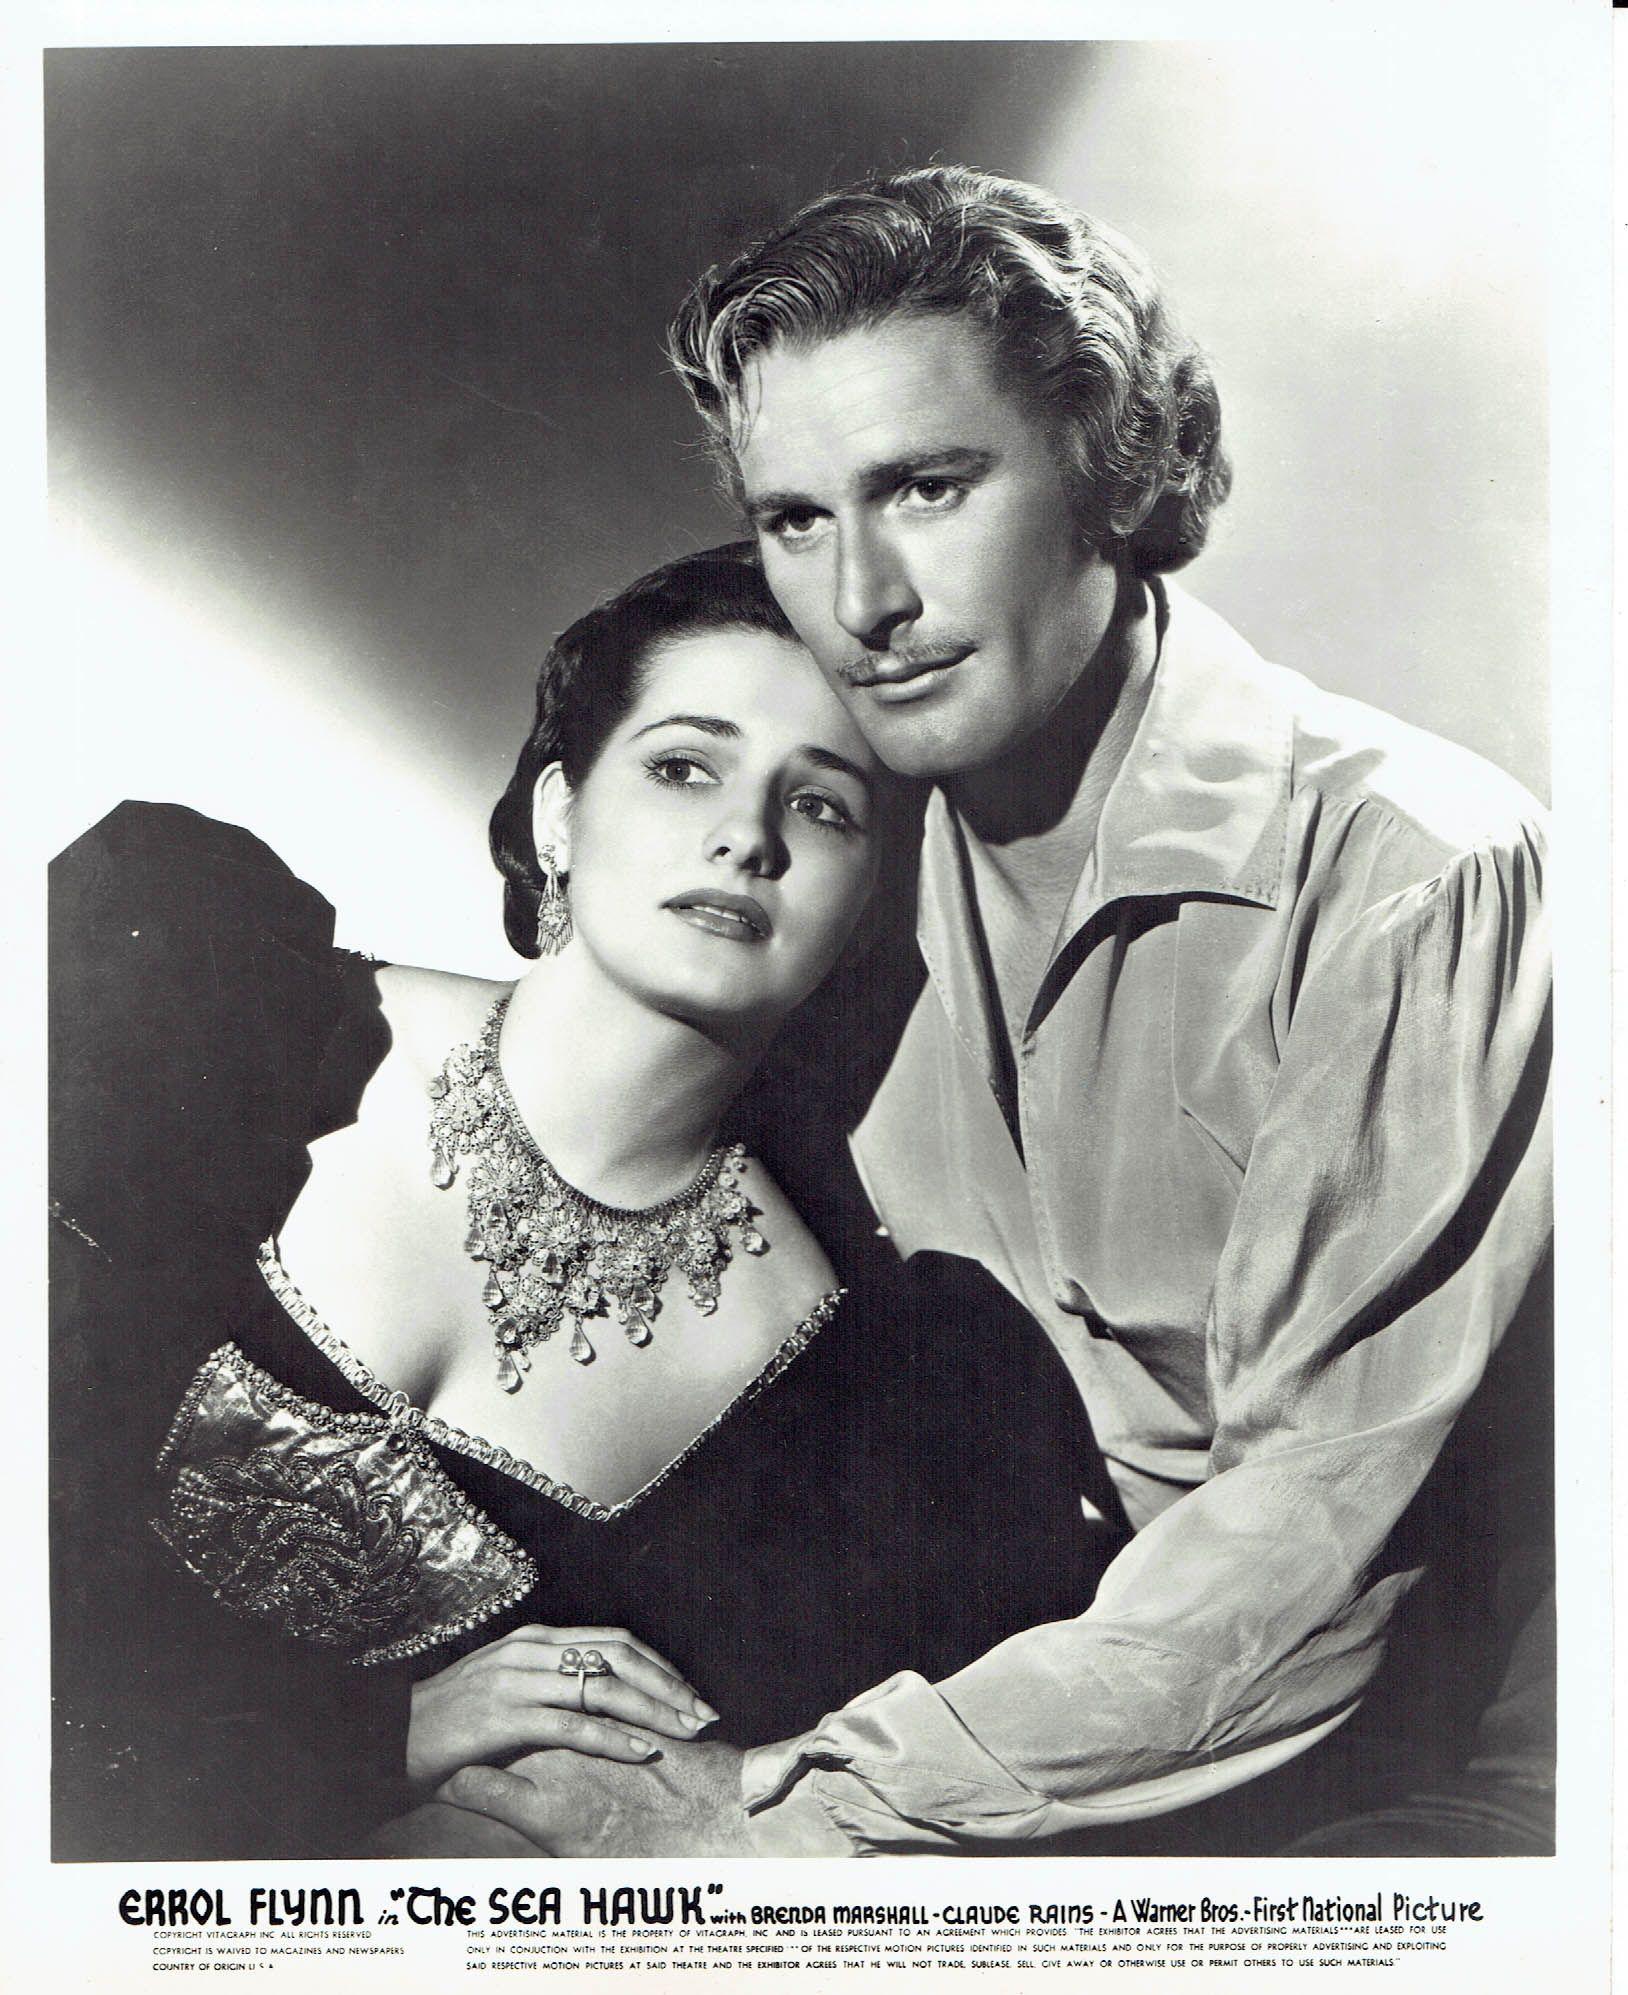 Errol Flynn with leading lady Brenda Marshall in \